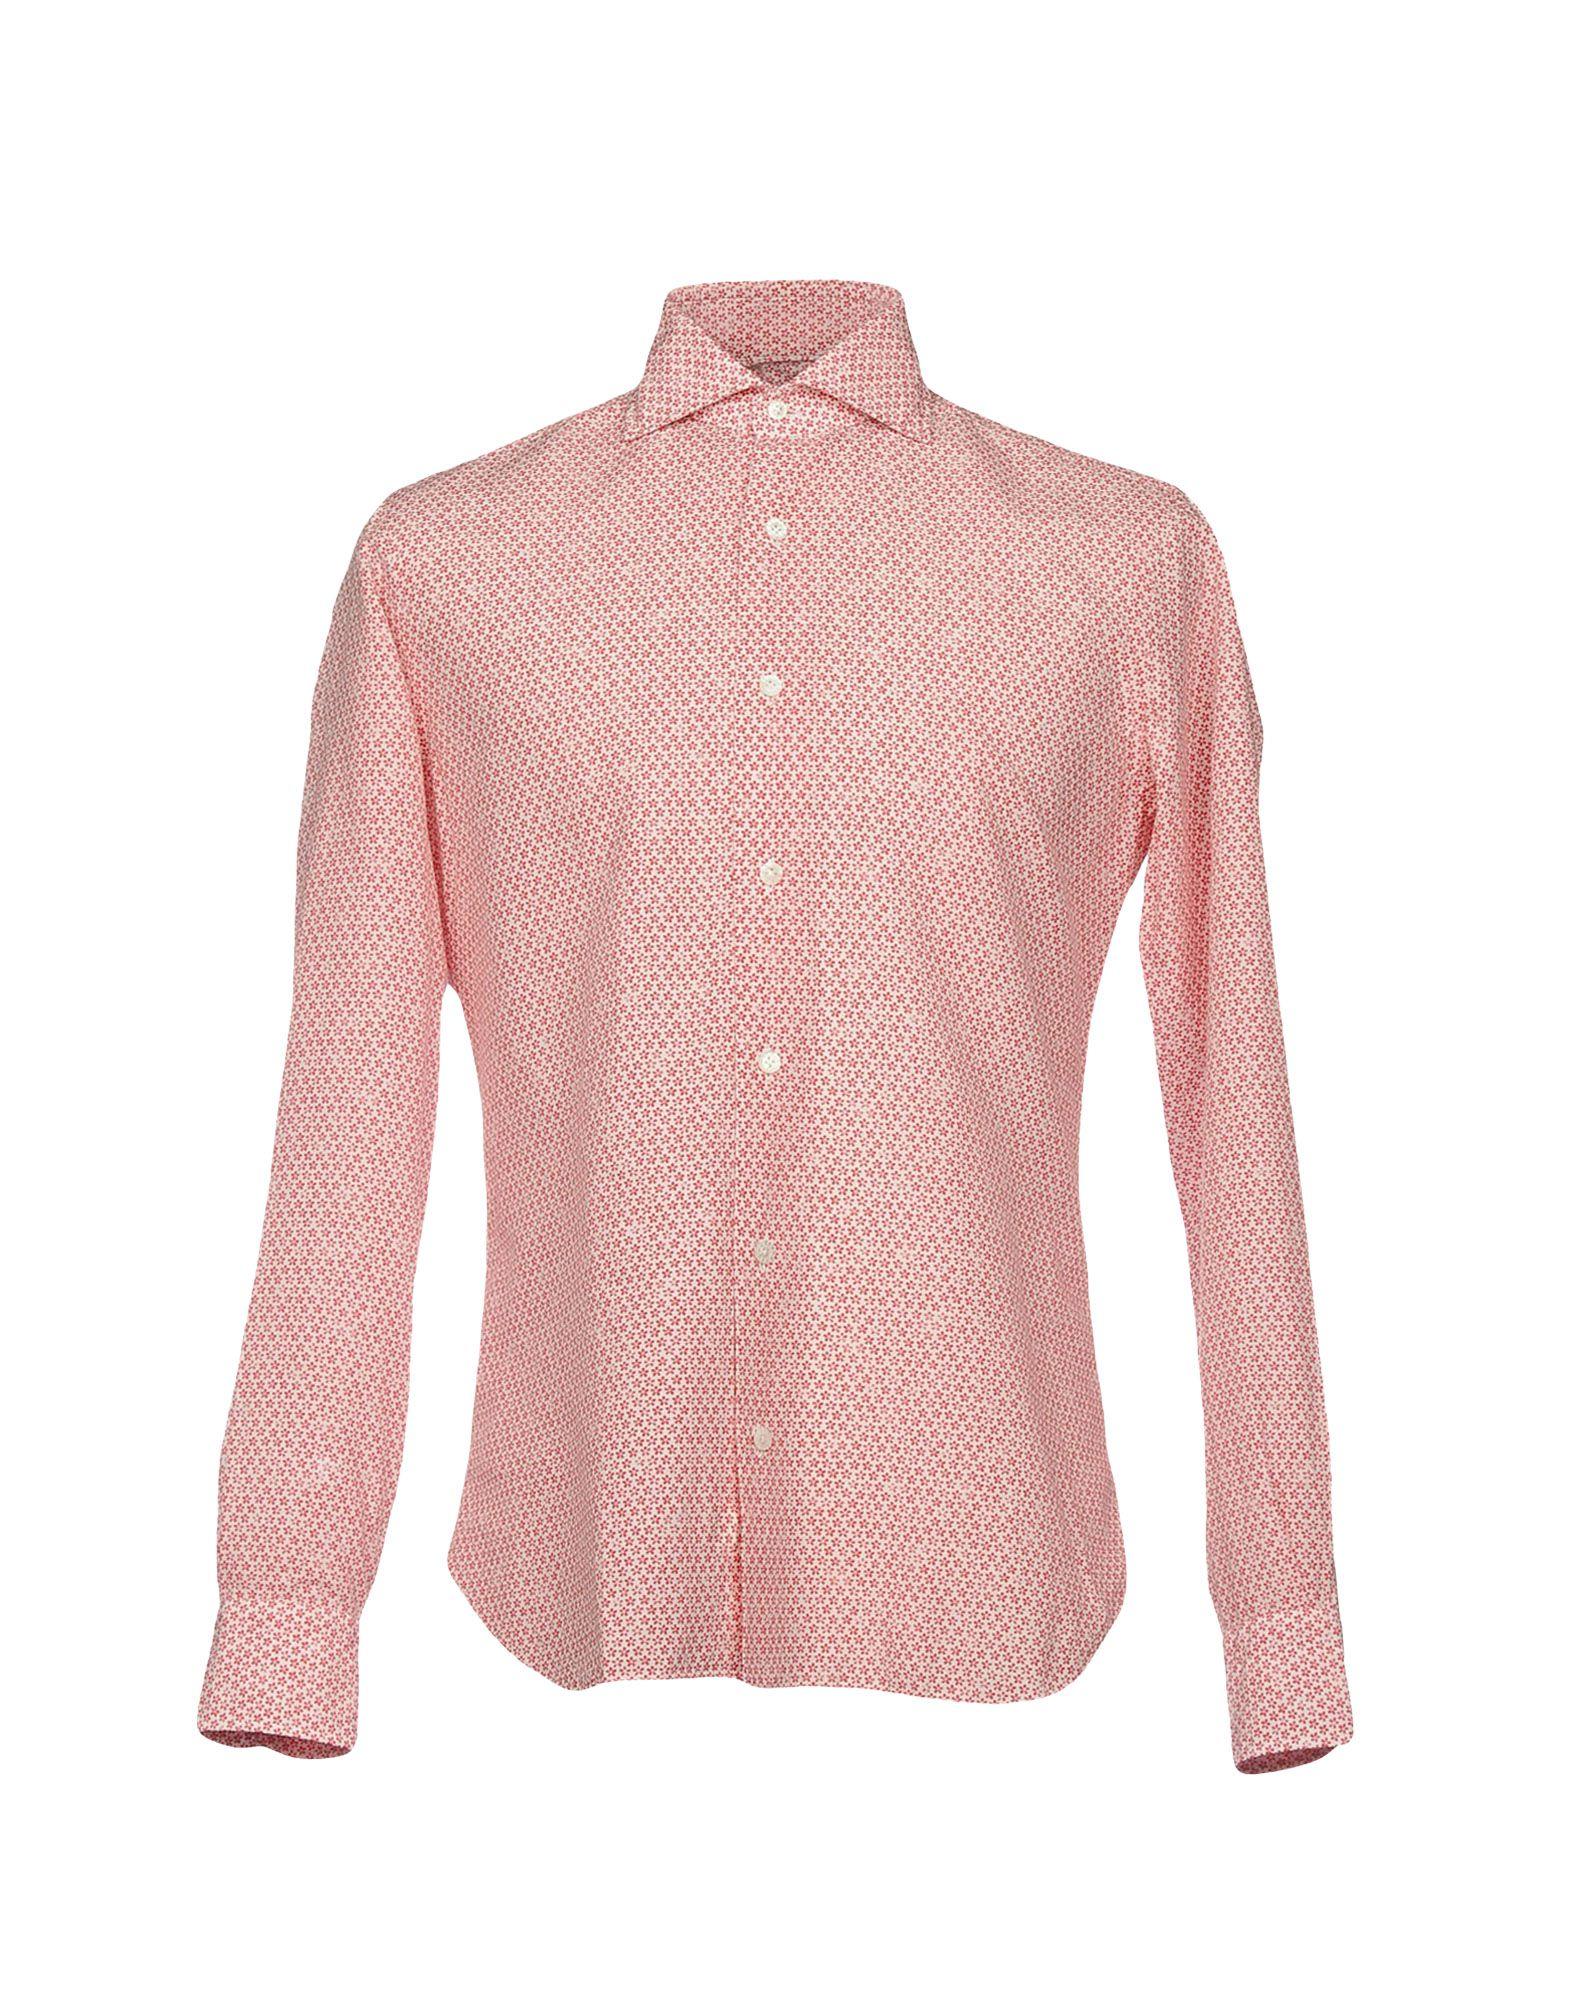 DANDYLIFE by BARBA Herren Hemd Farbe Rot Größe 4 jetztbilligerkaufen